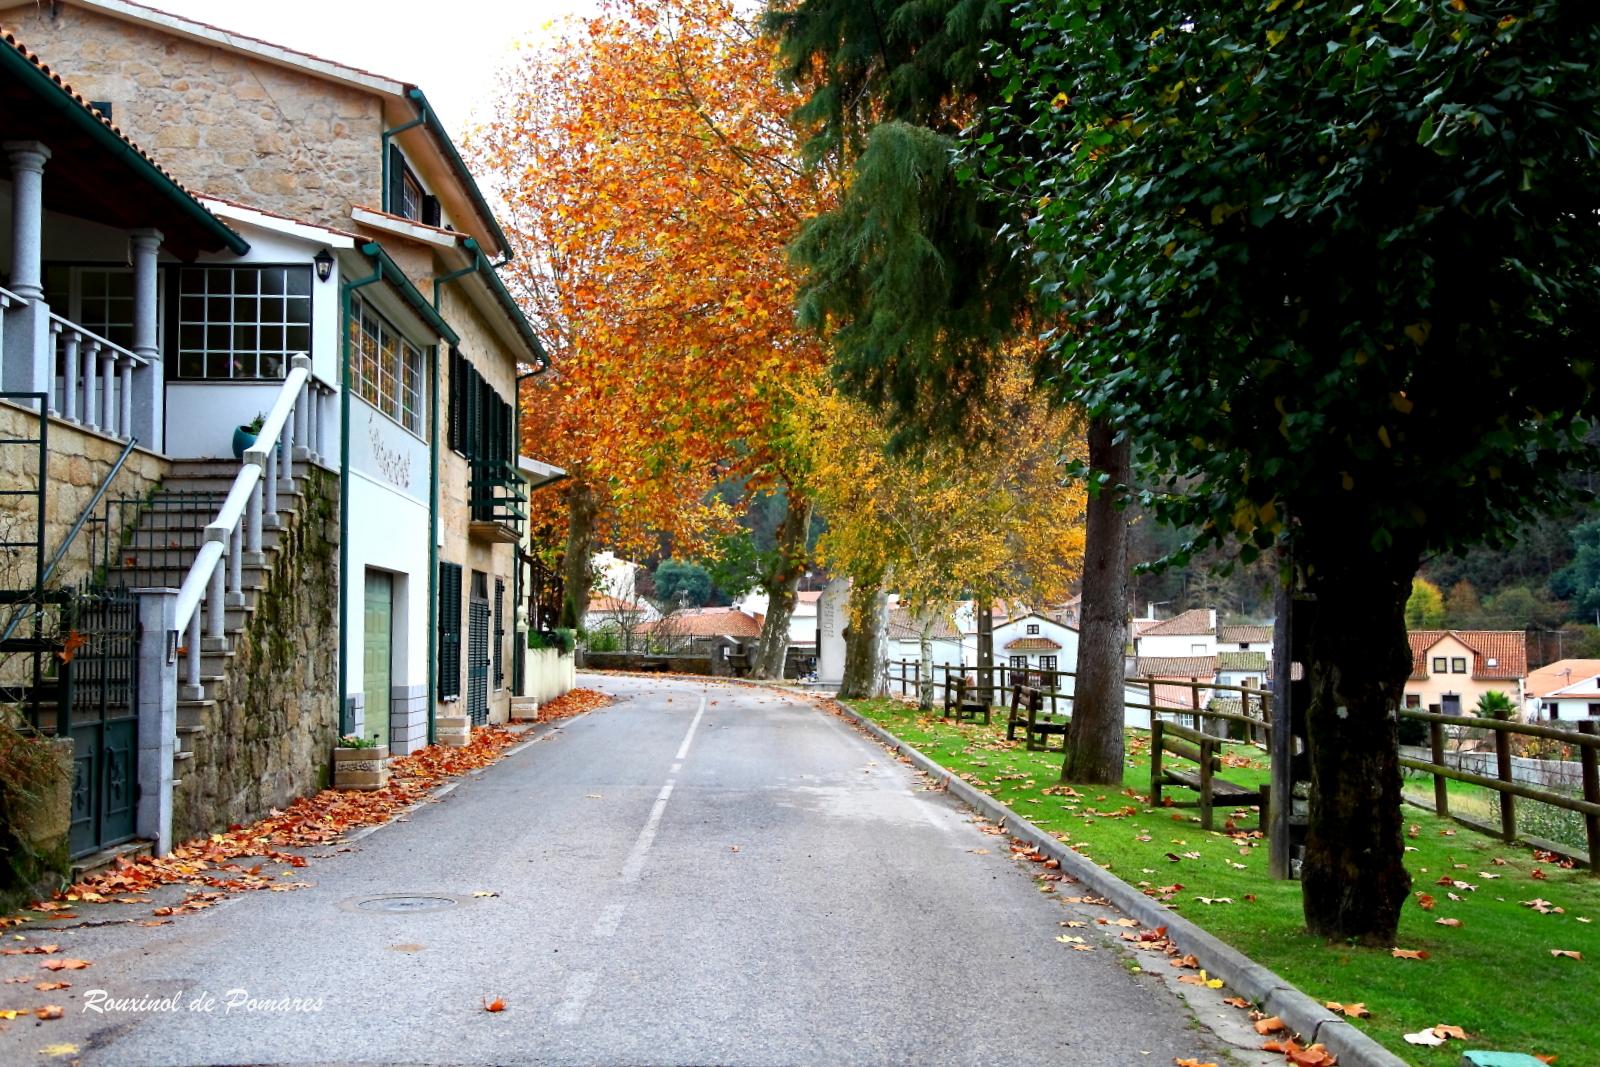 Outono em Pomares IV (2)